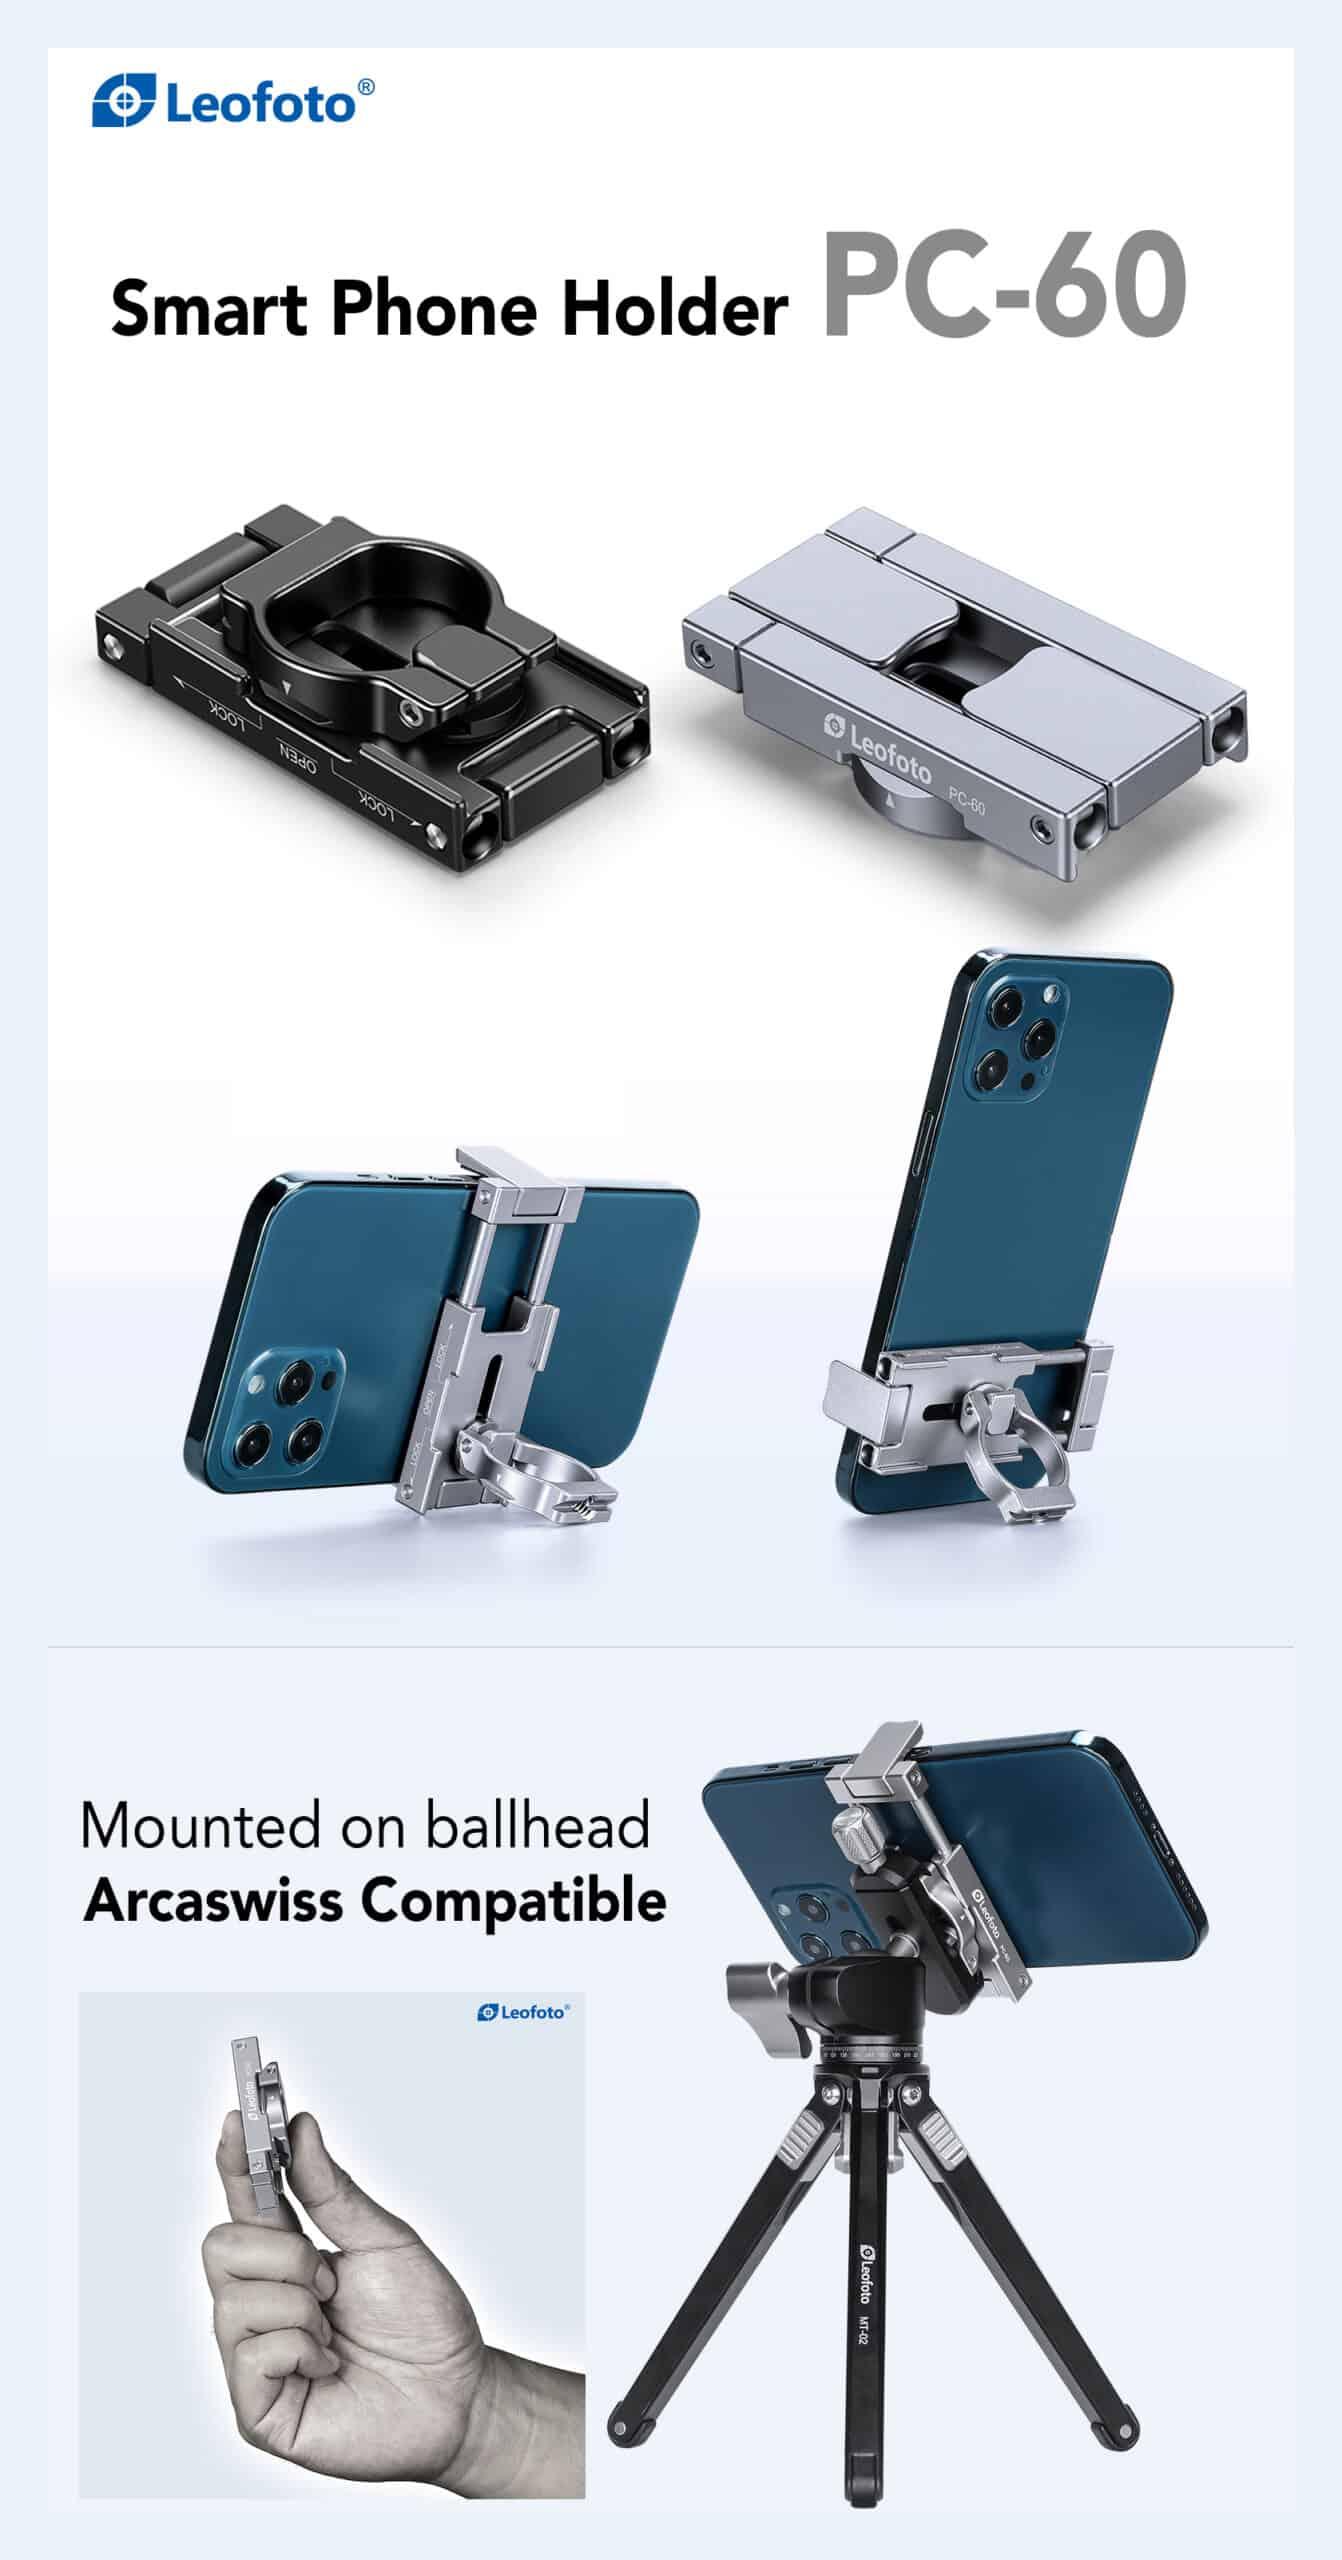 ที่จับมือถือ ตั้งบนขาตั้งกล้องได้ แคลมป์ Smallphone Holder LeoFoto PC60 สีดำ